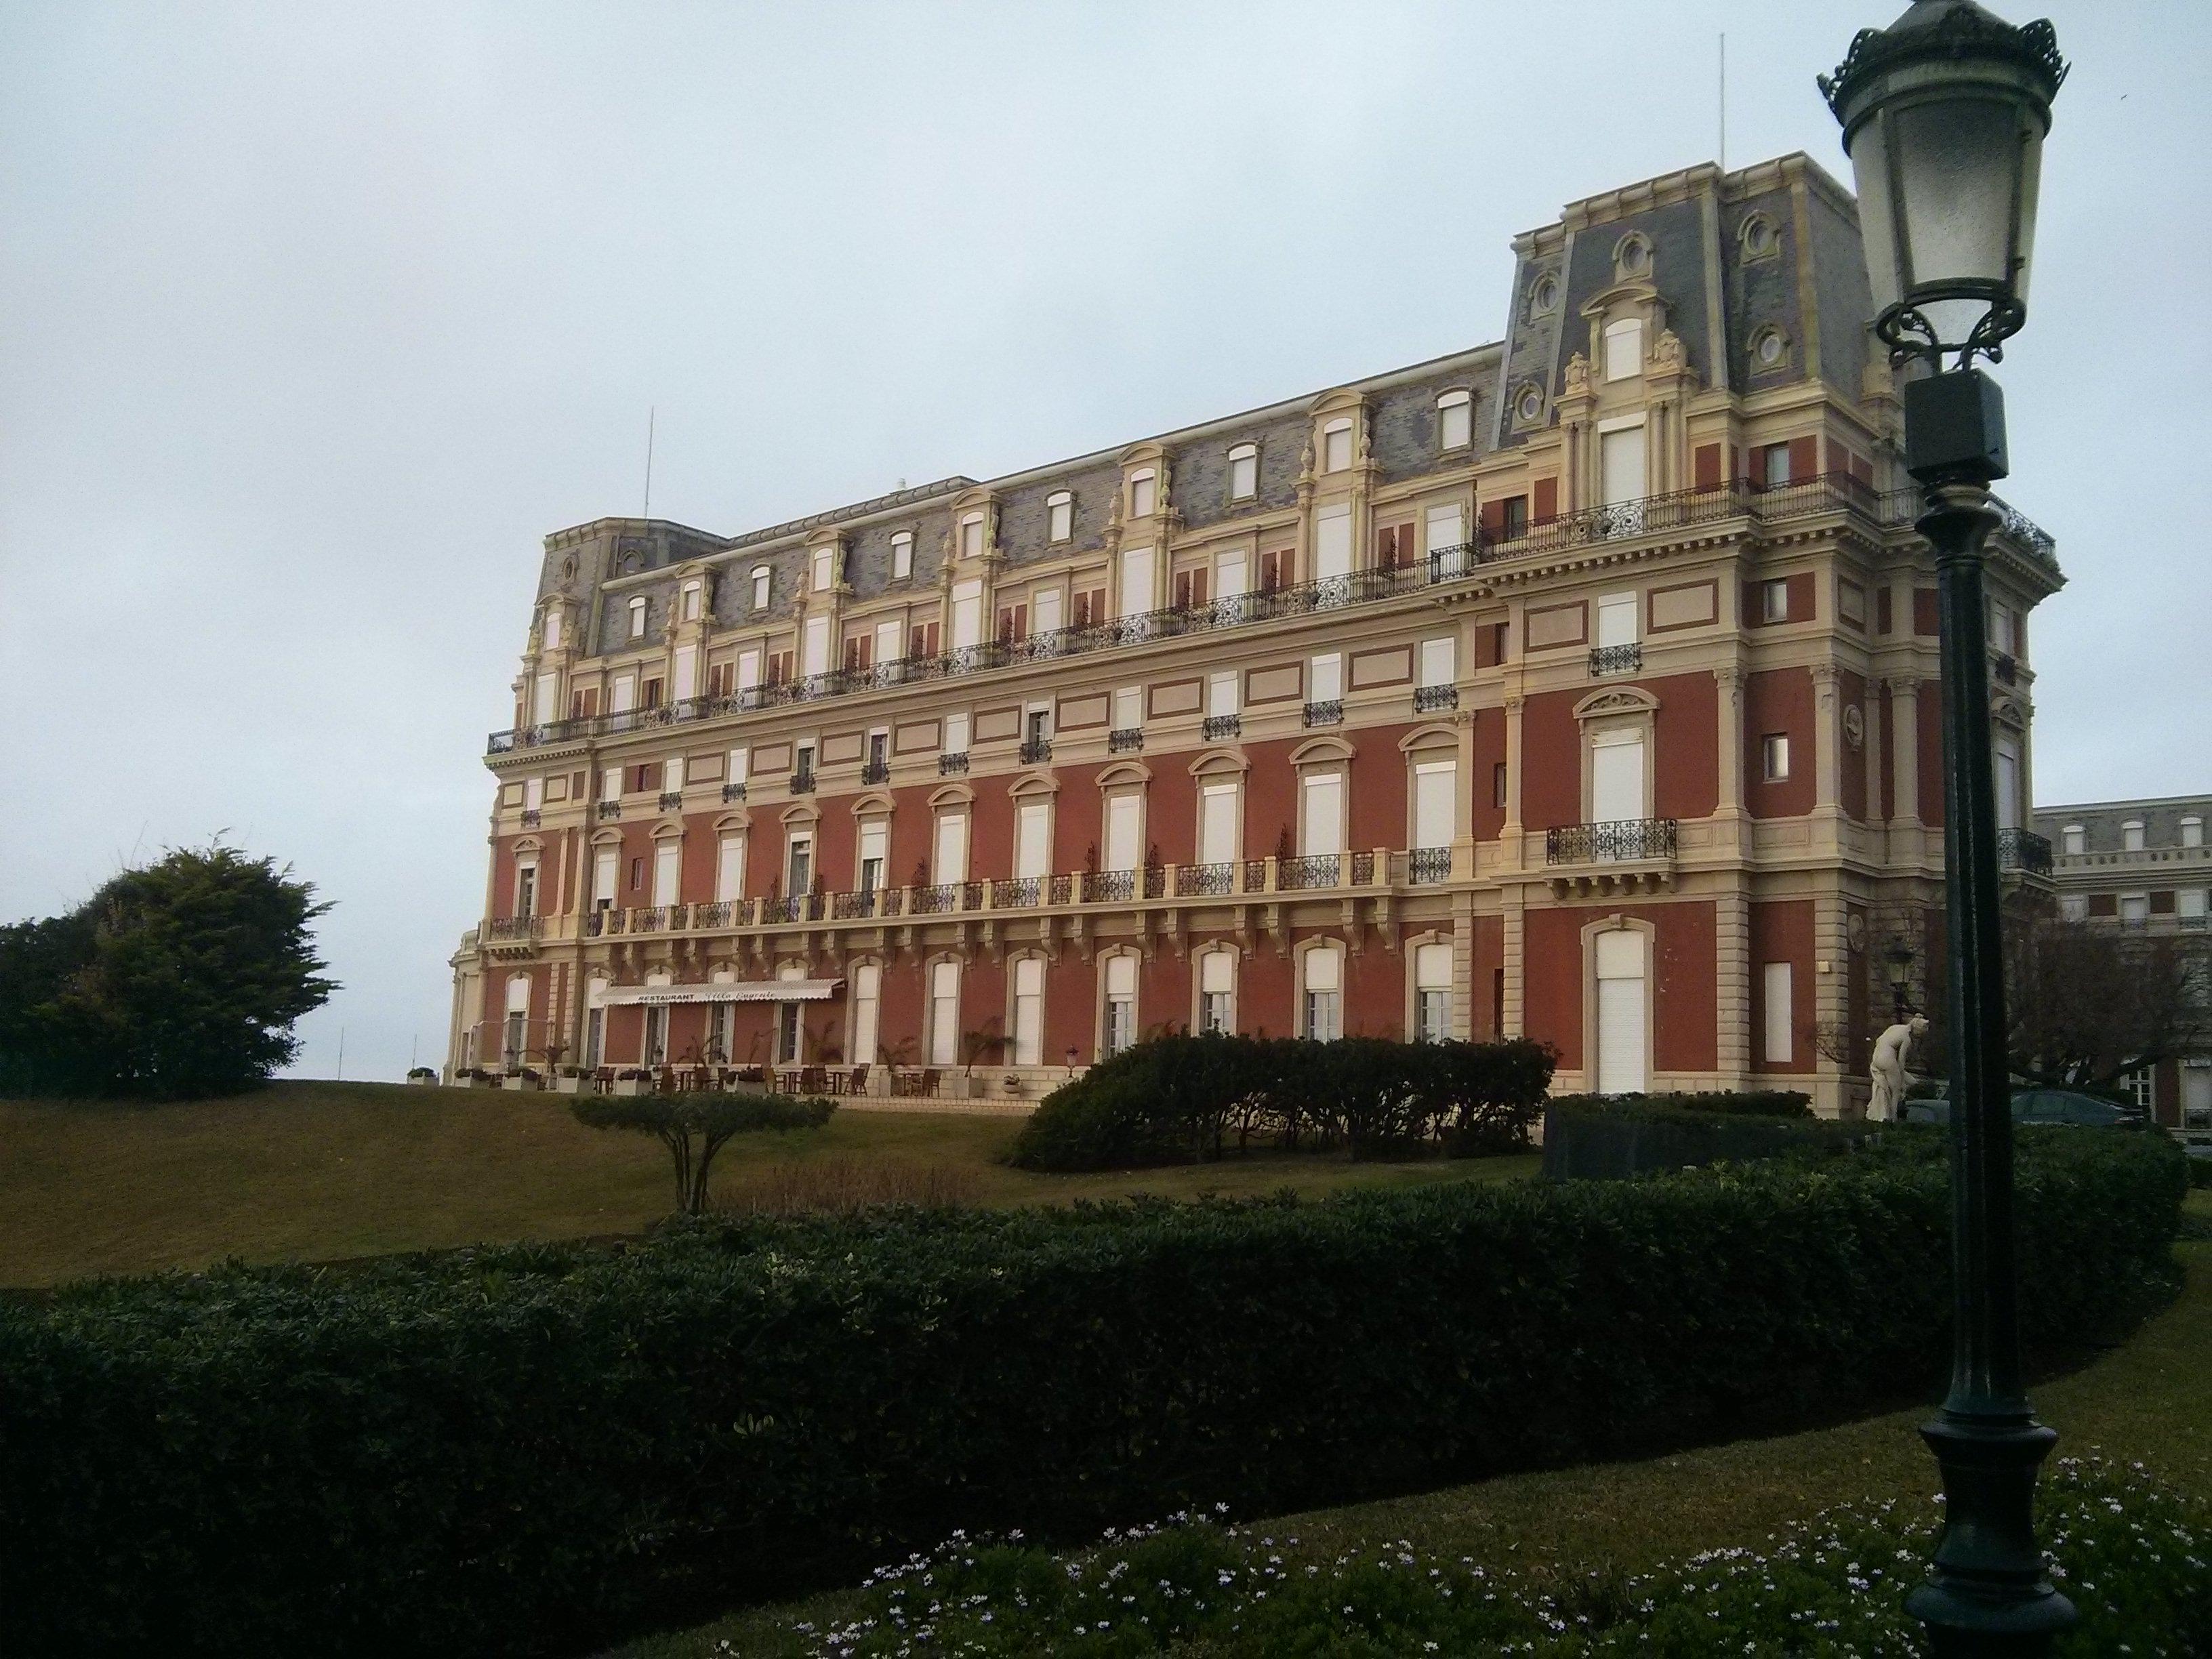 J ai test le chocolat chaud l h tel du palais - Prix chambre hotel du palais biarritz ...